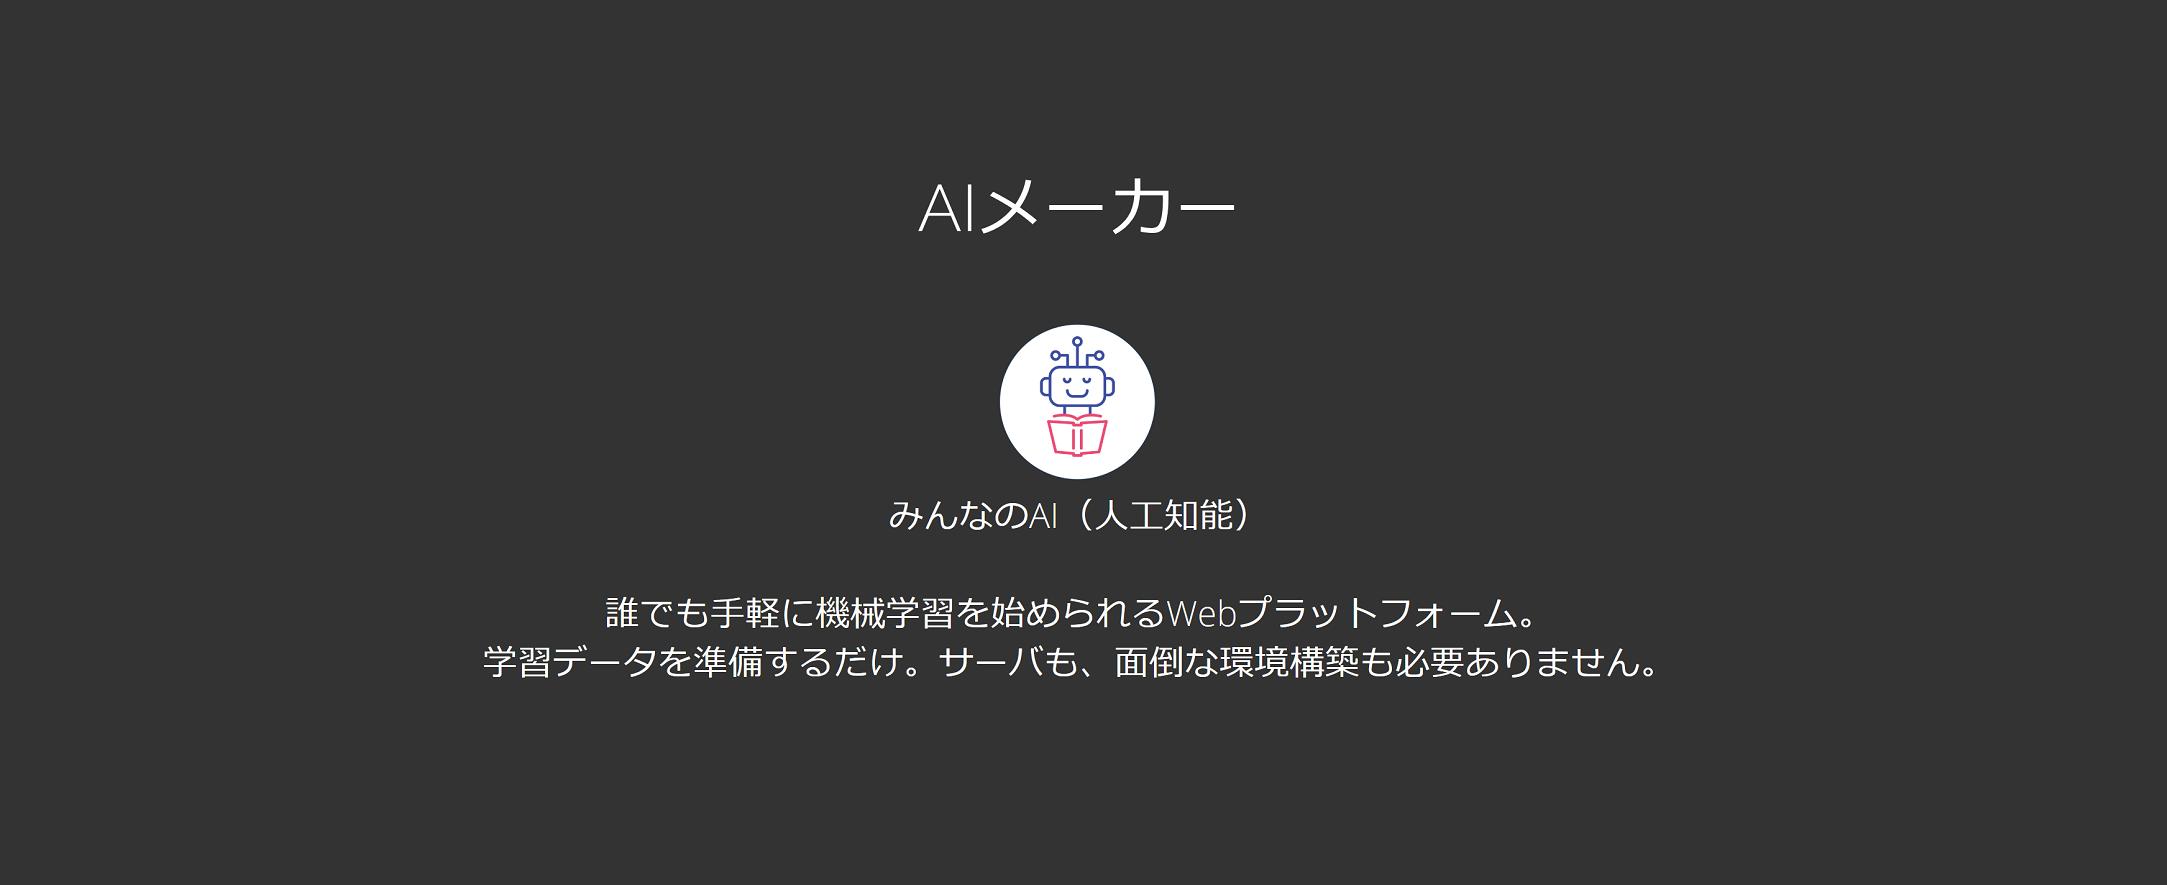 aimaker_header.png